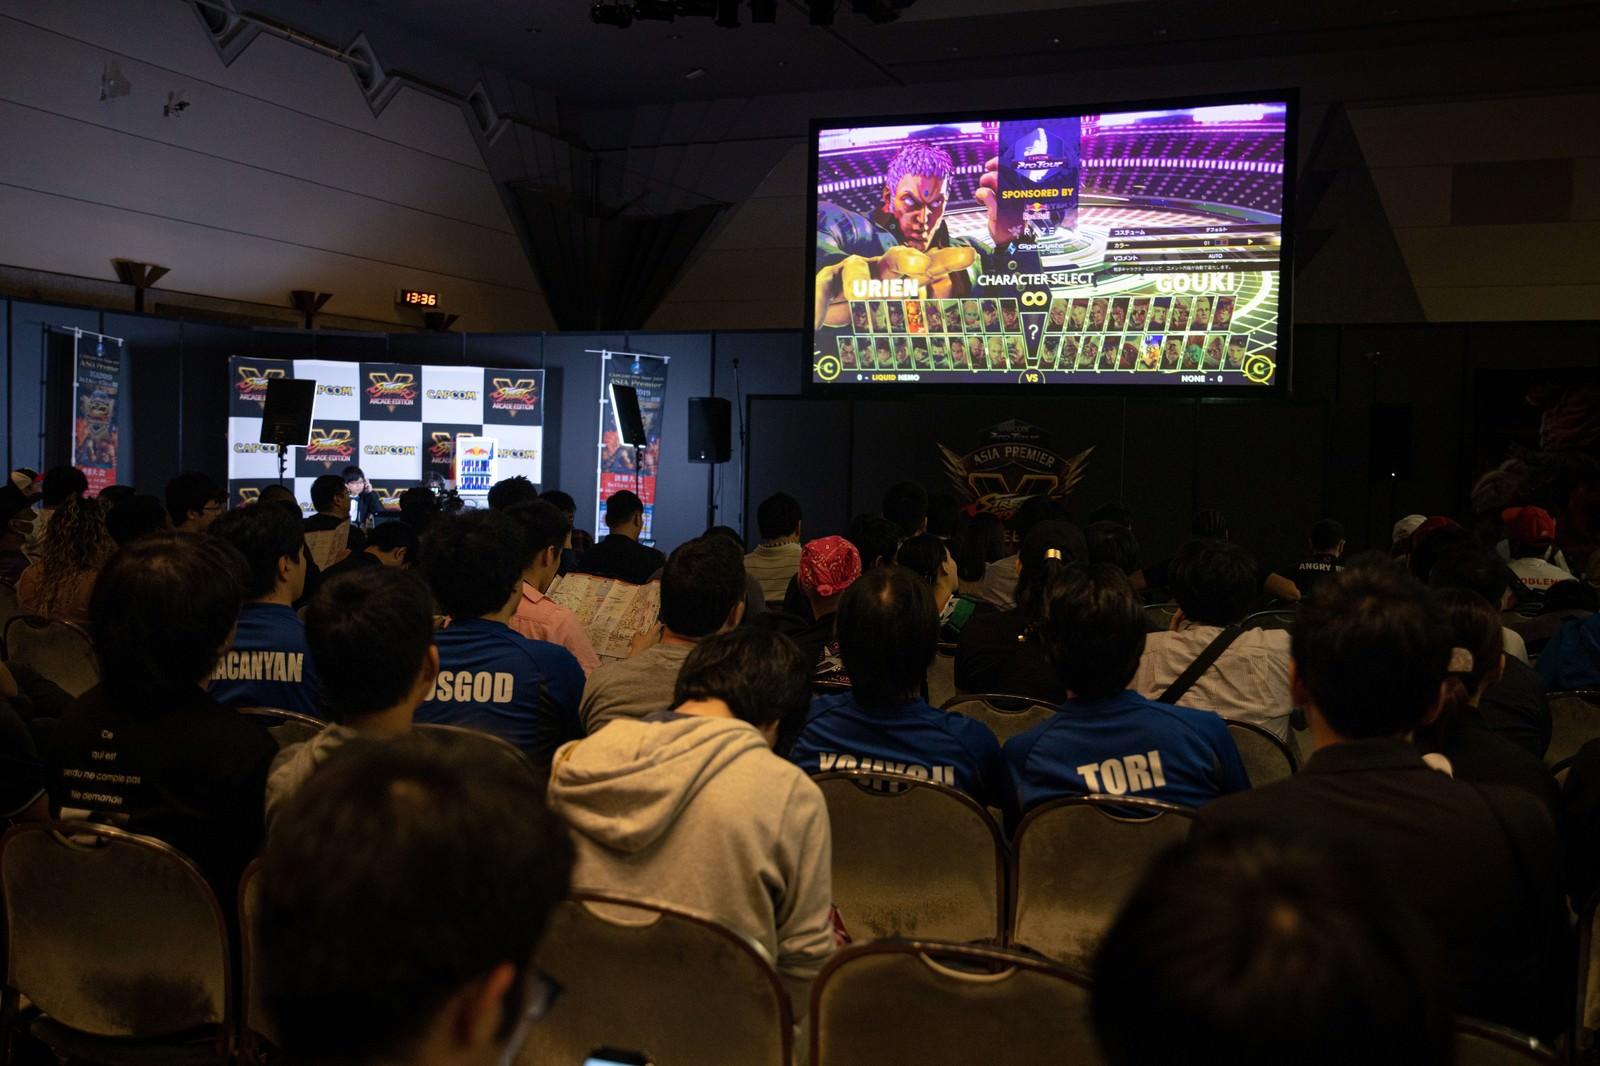 「予選大会の試合の様子と観客 - CAPCOM Pro Tour 2019 アジアプレミア」の写真